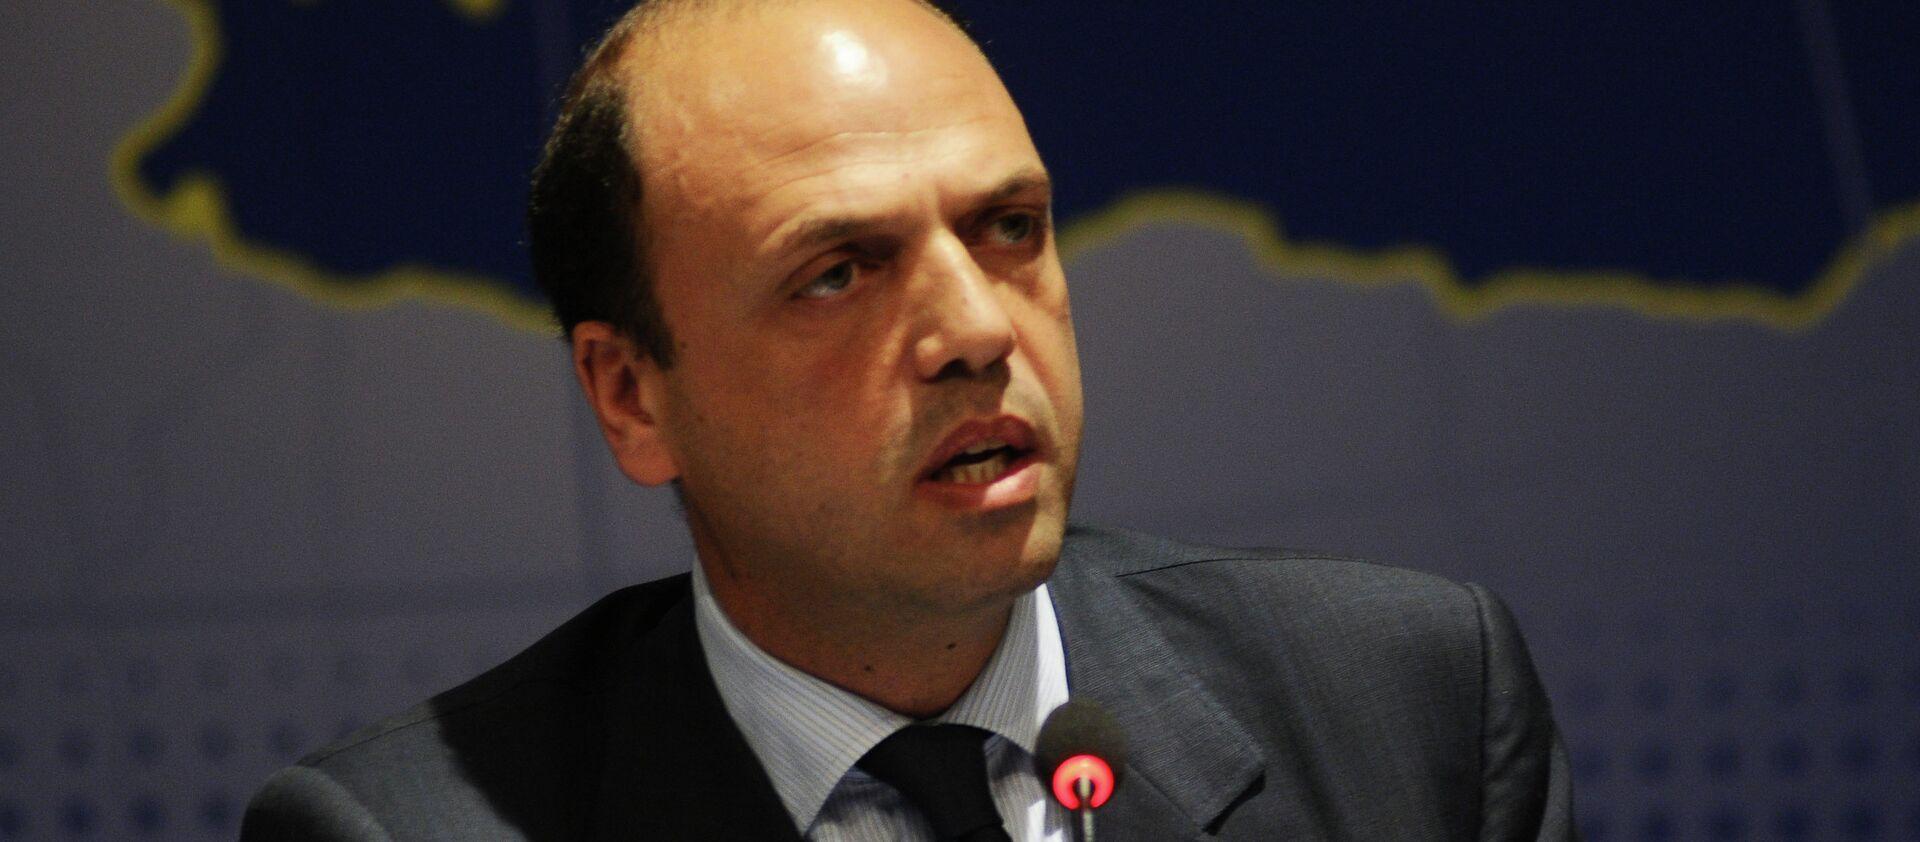 Il ministro degli Interni italiano Angelino Alfano - Sputnik Italia, 1920, 11.12.2020